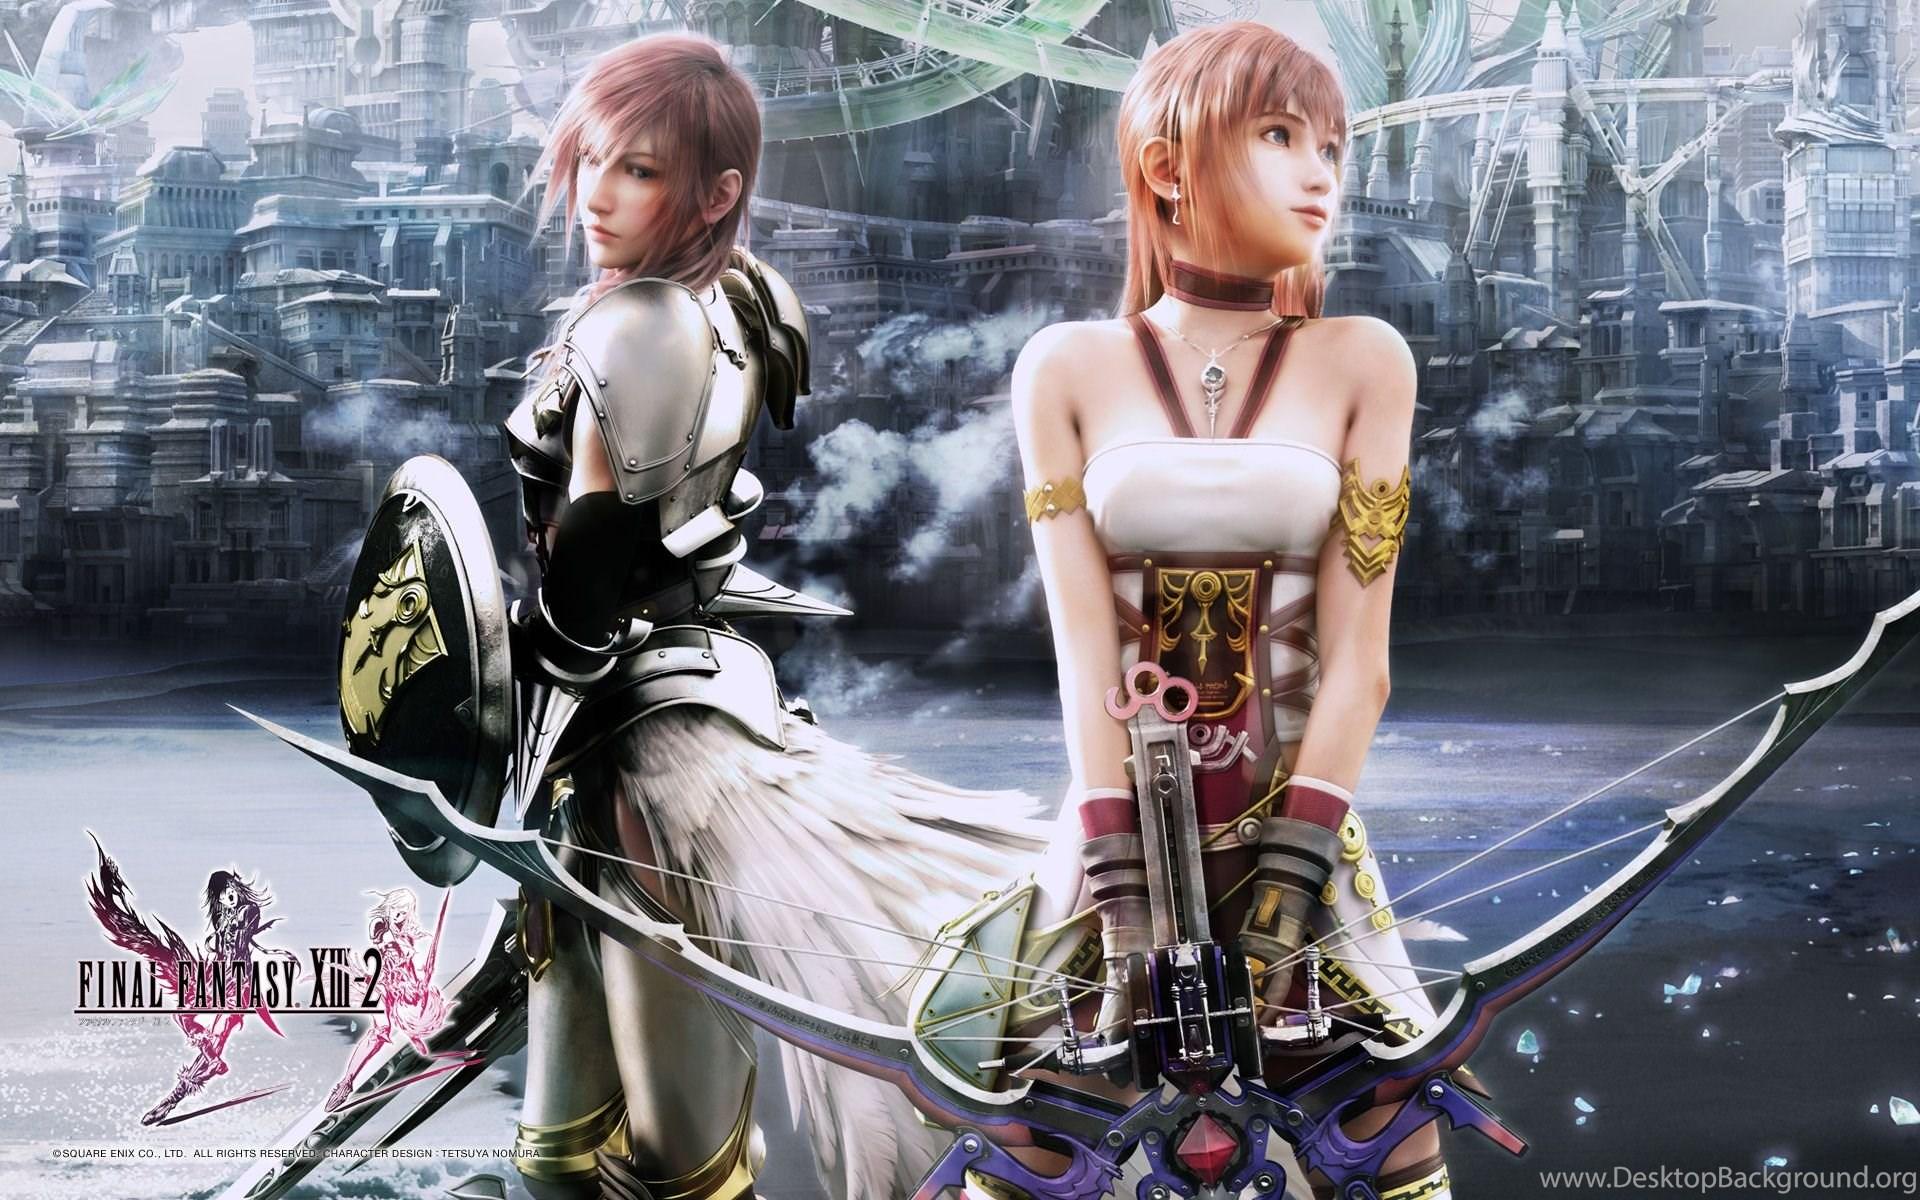 Final Fantasy Xiii 2 Ffxiii 2 Ff13 2 Wallpapers Desktop Background